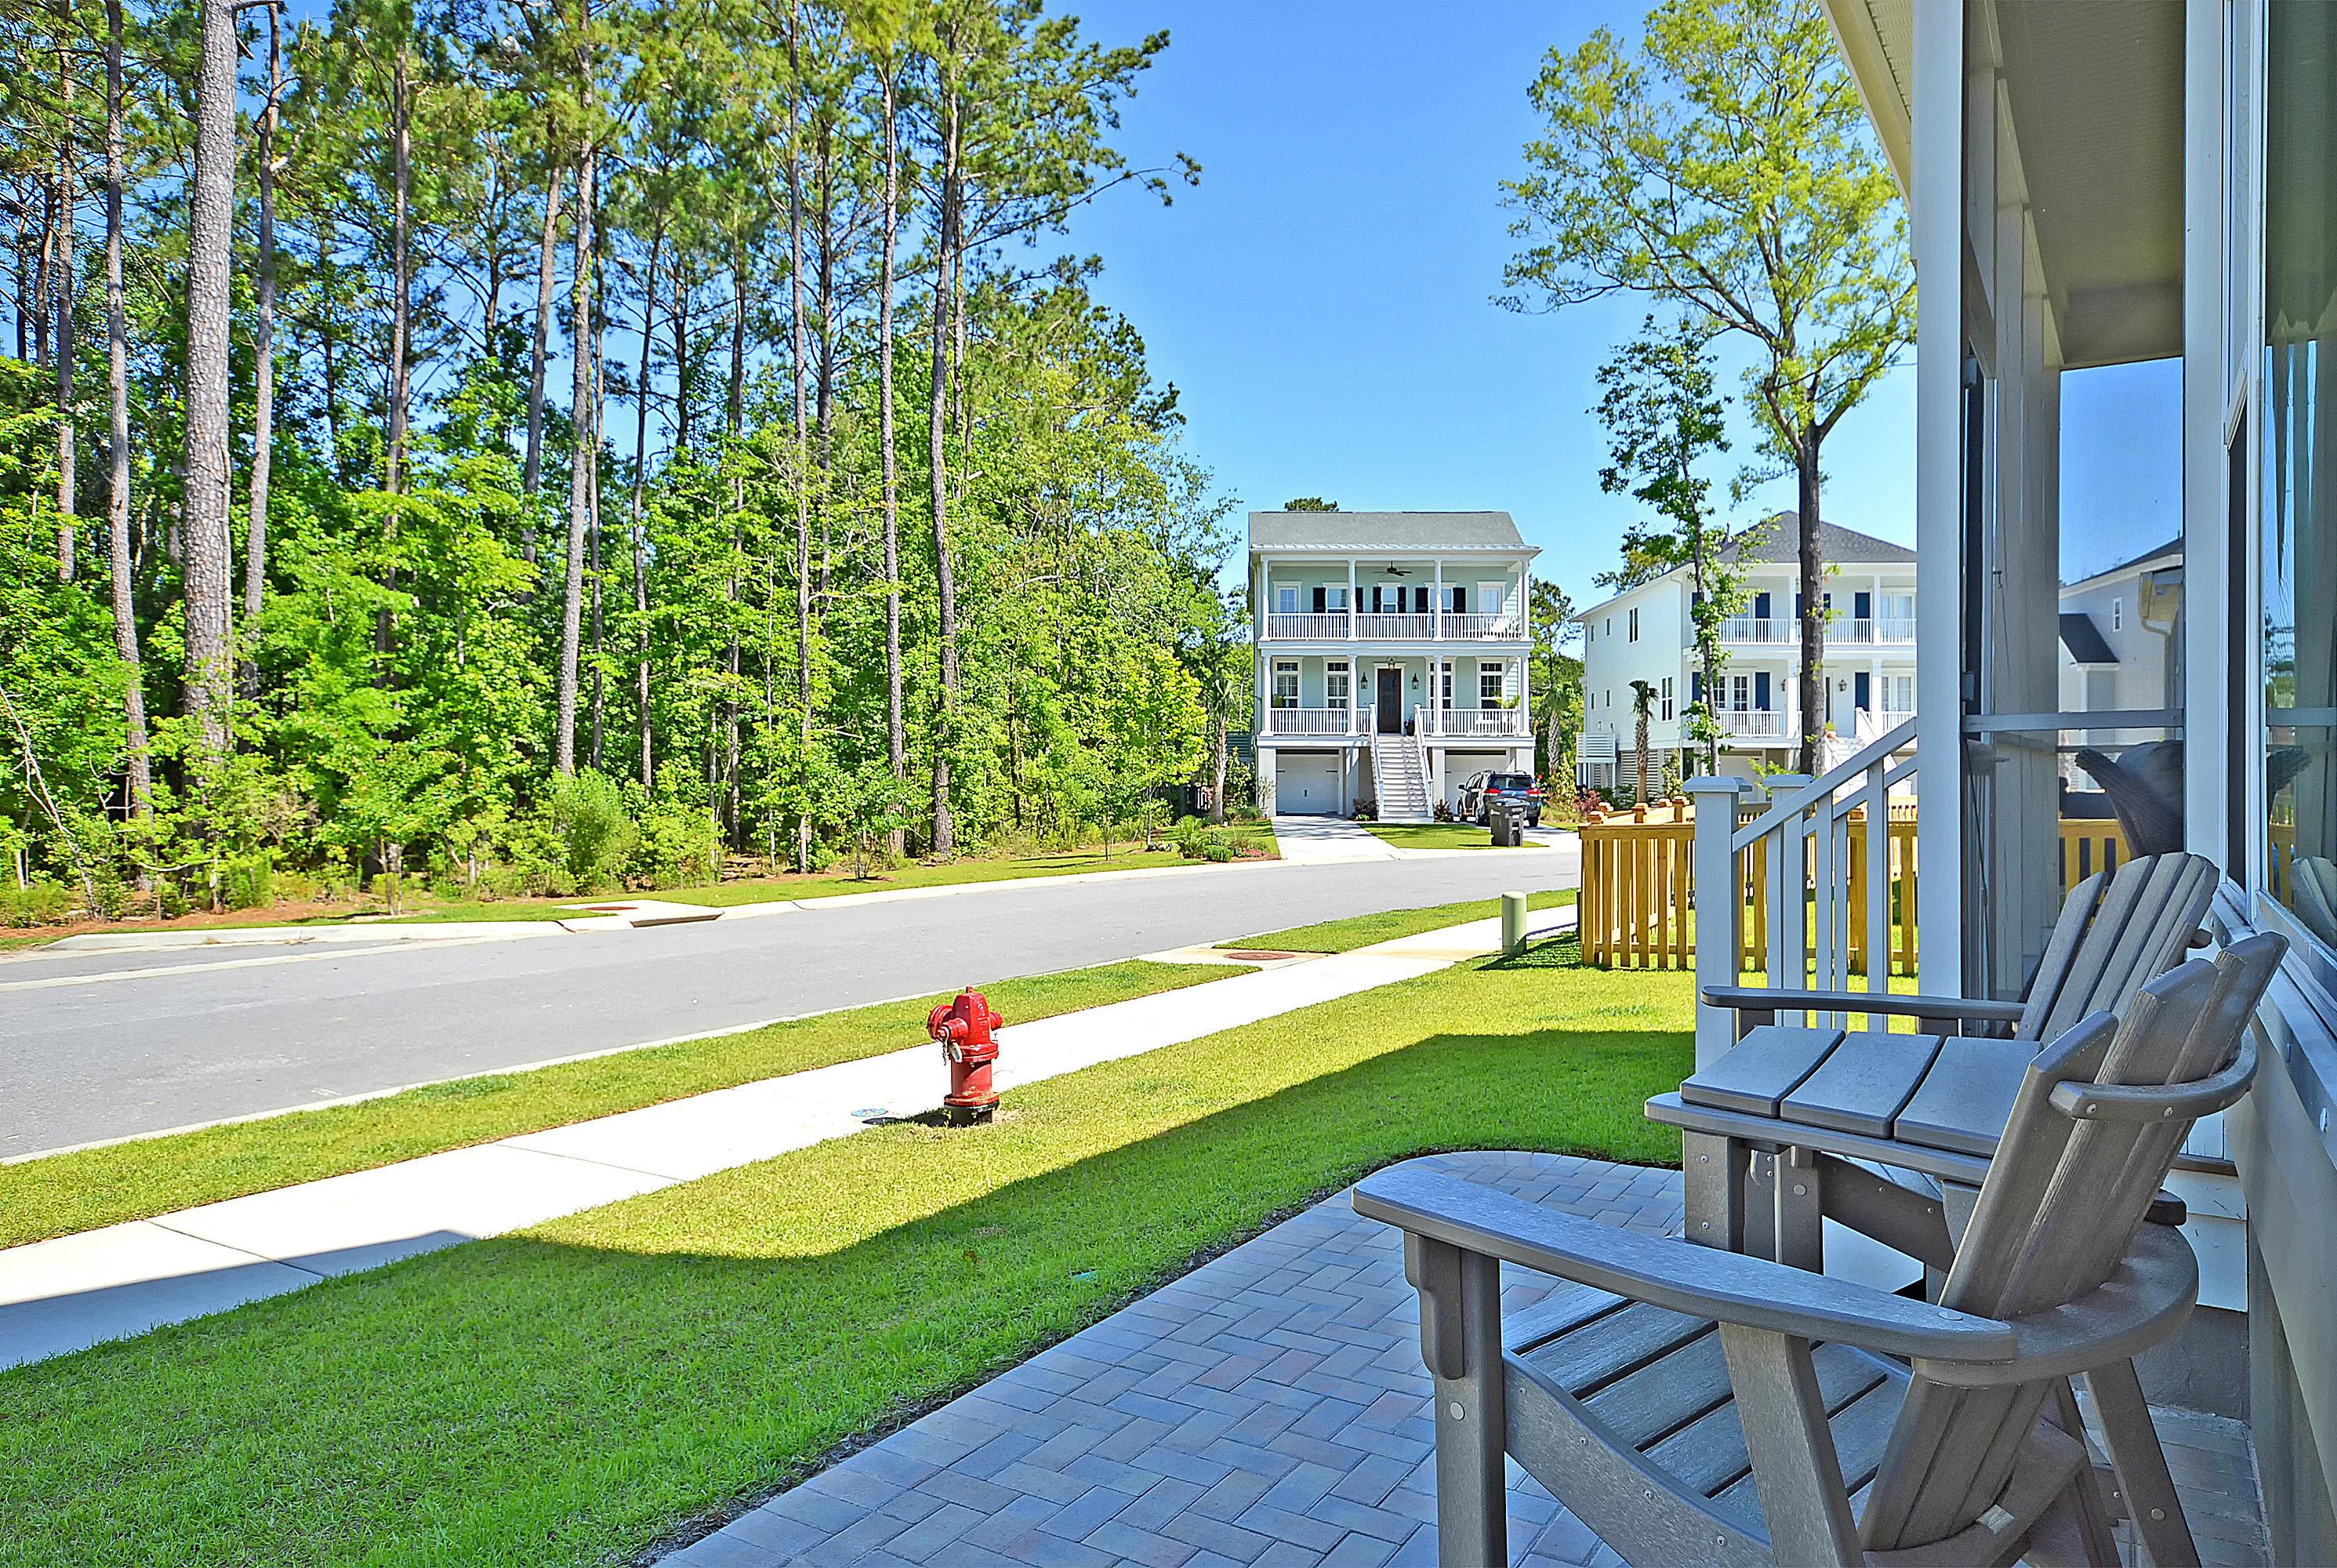 Dunes West Homes For Sale - 2927 Eddy, Mount Pleasant, SC - 7